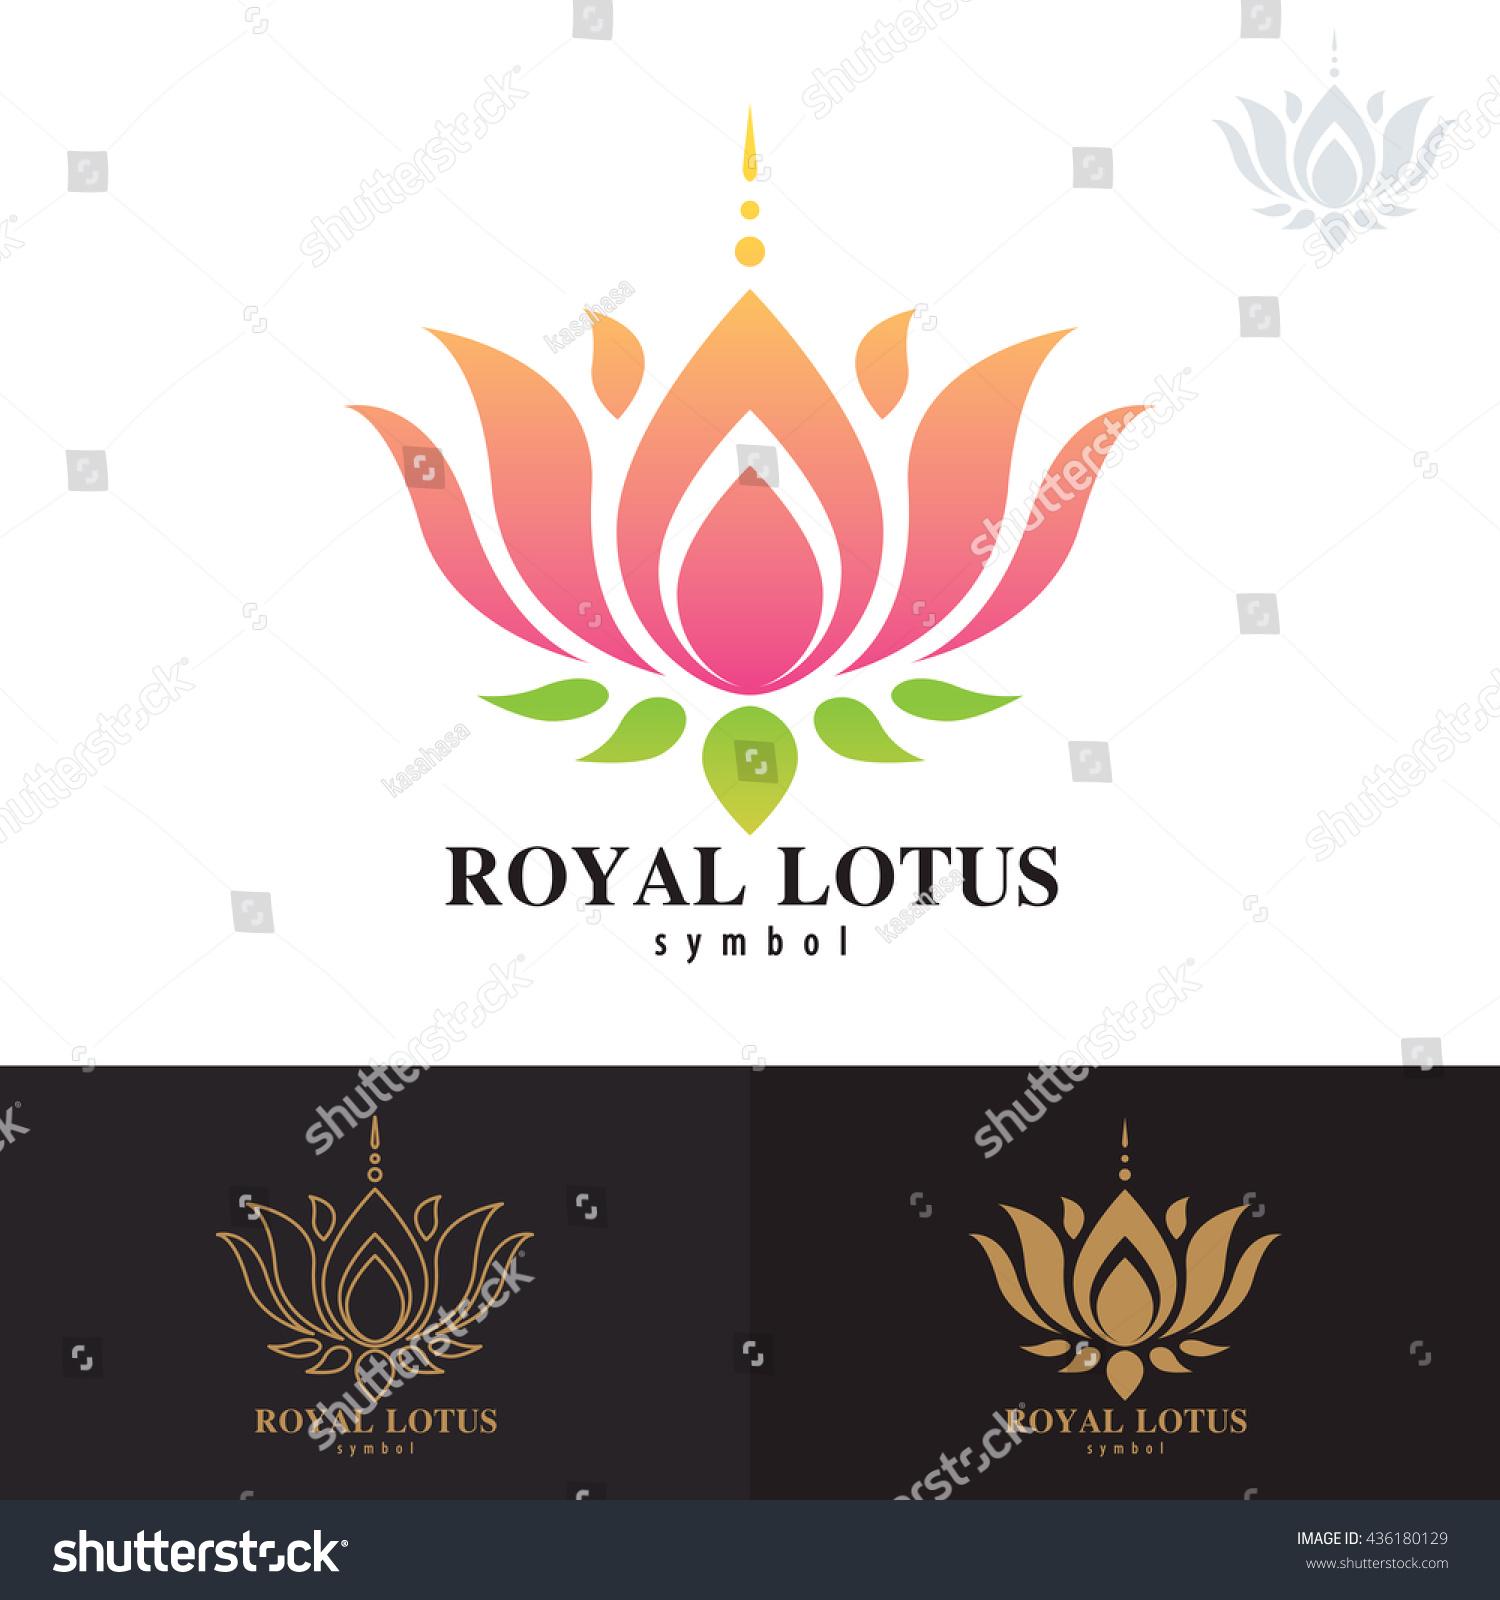 Royal Lotus Symbol Icon Design Vector Stock Vector HD (Royalty Free ...